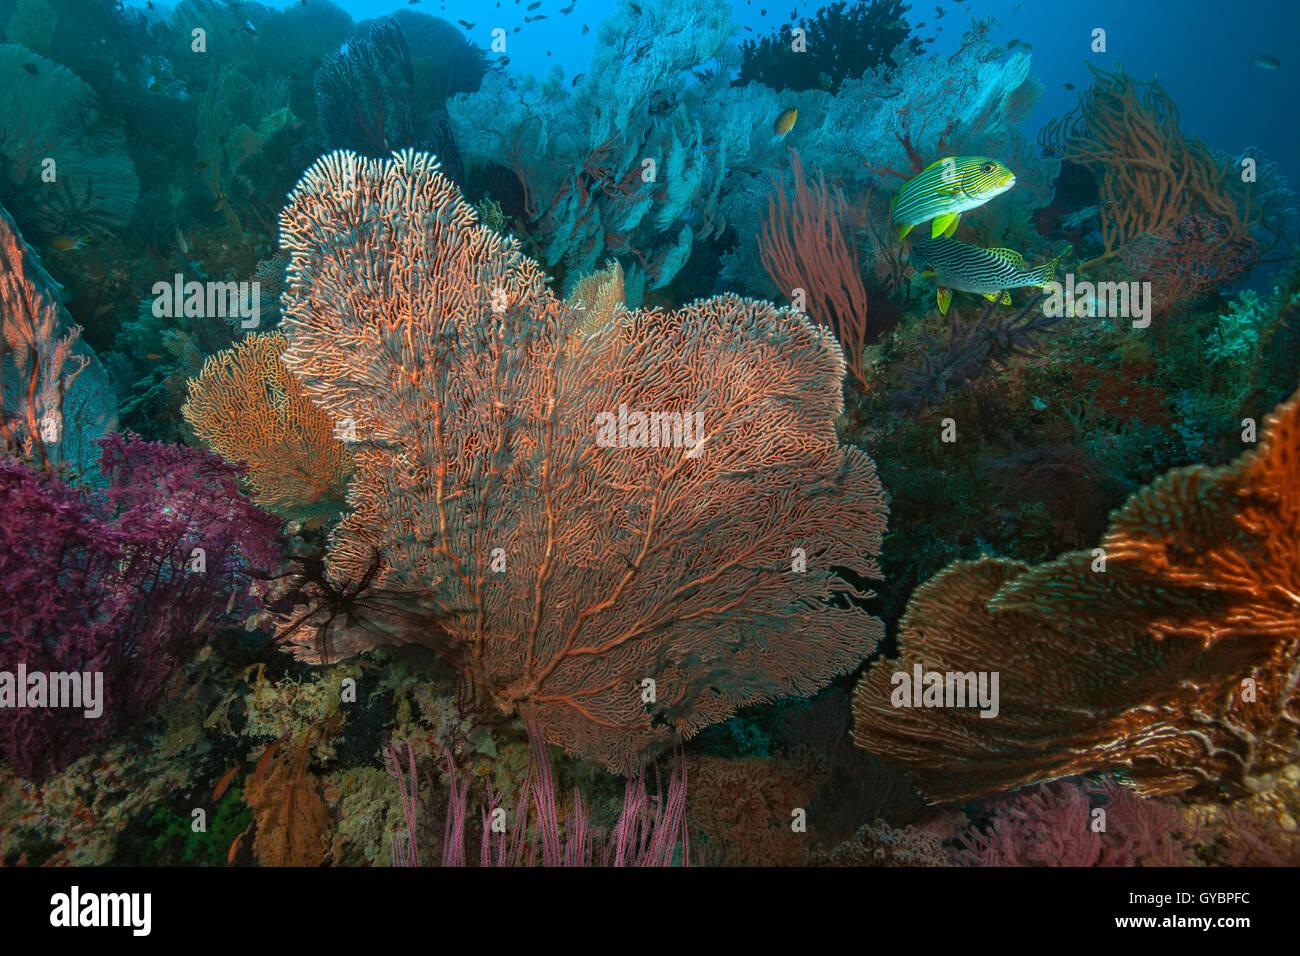 Sweetlips di alimentazione dei pesci colorati di barriera corallina. Immagini Stock